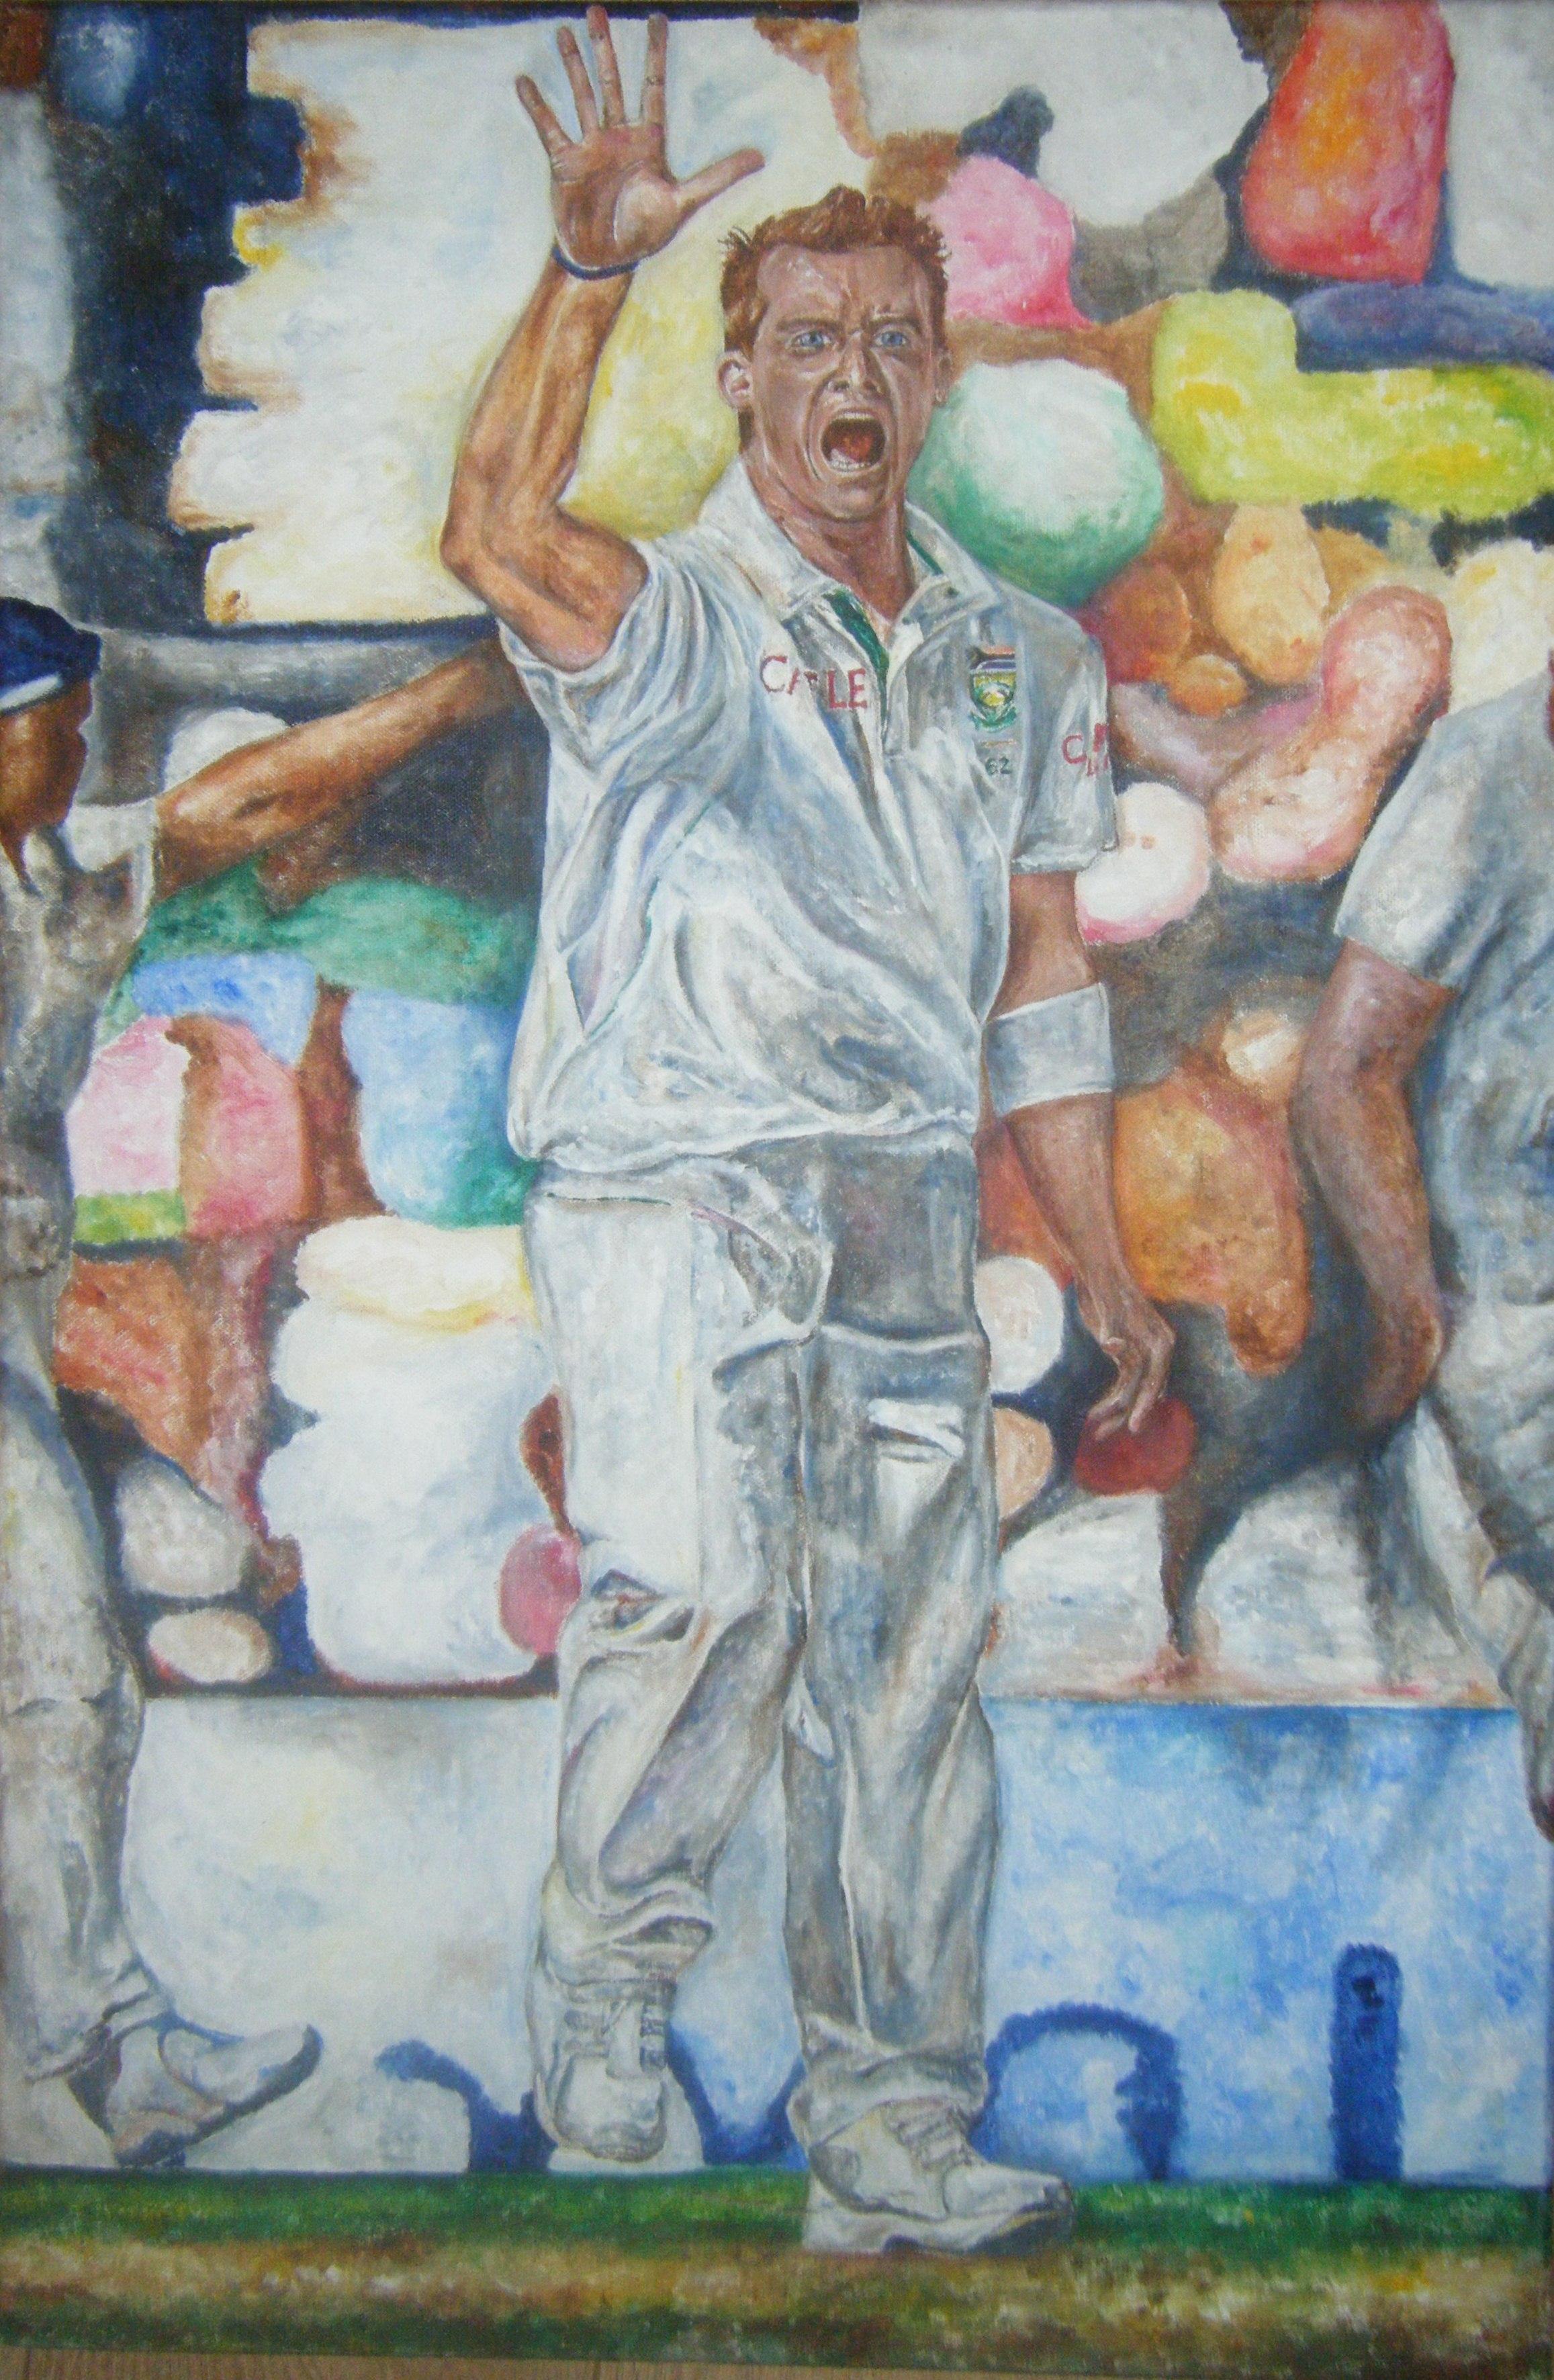 Dale Steyn portrait